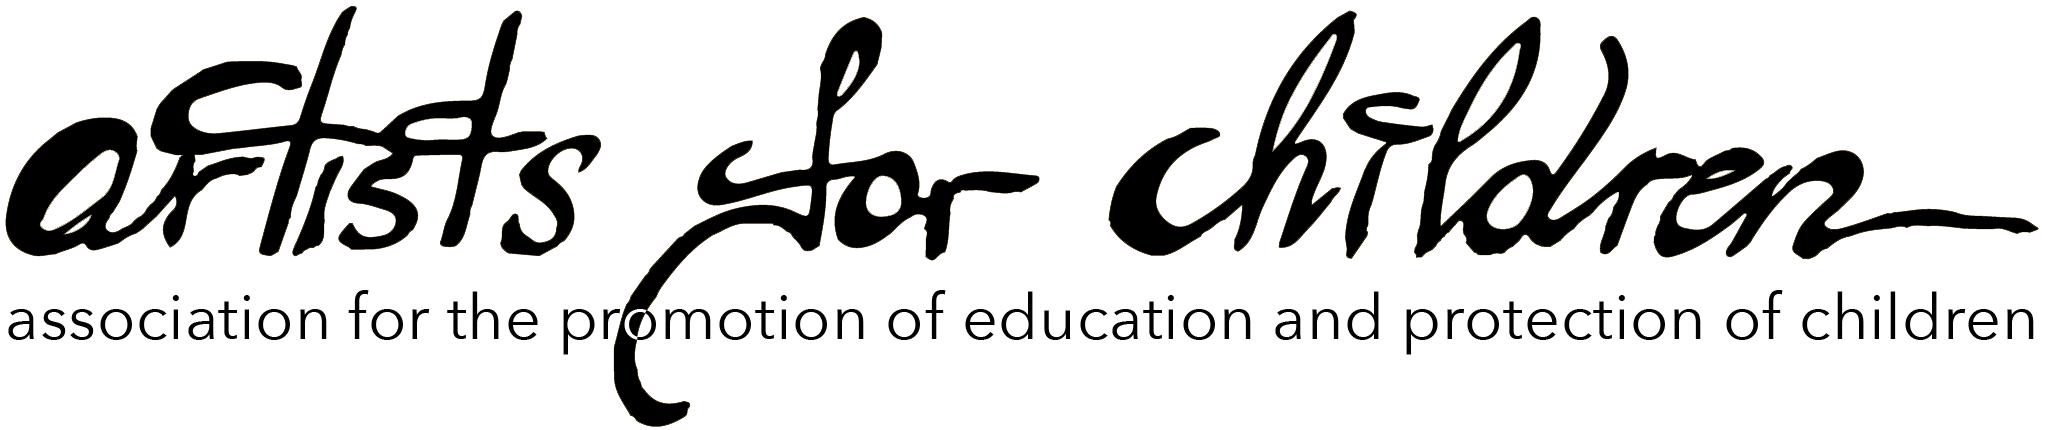 artists for children logo